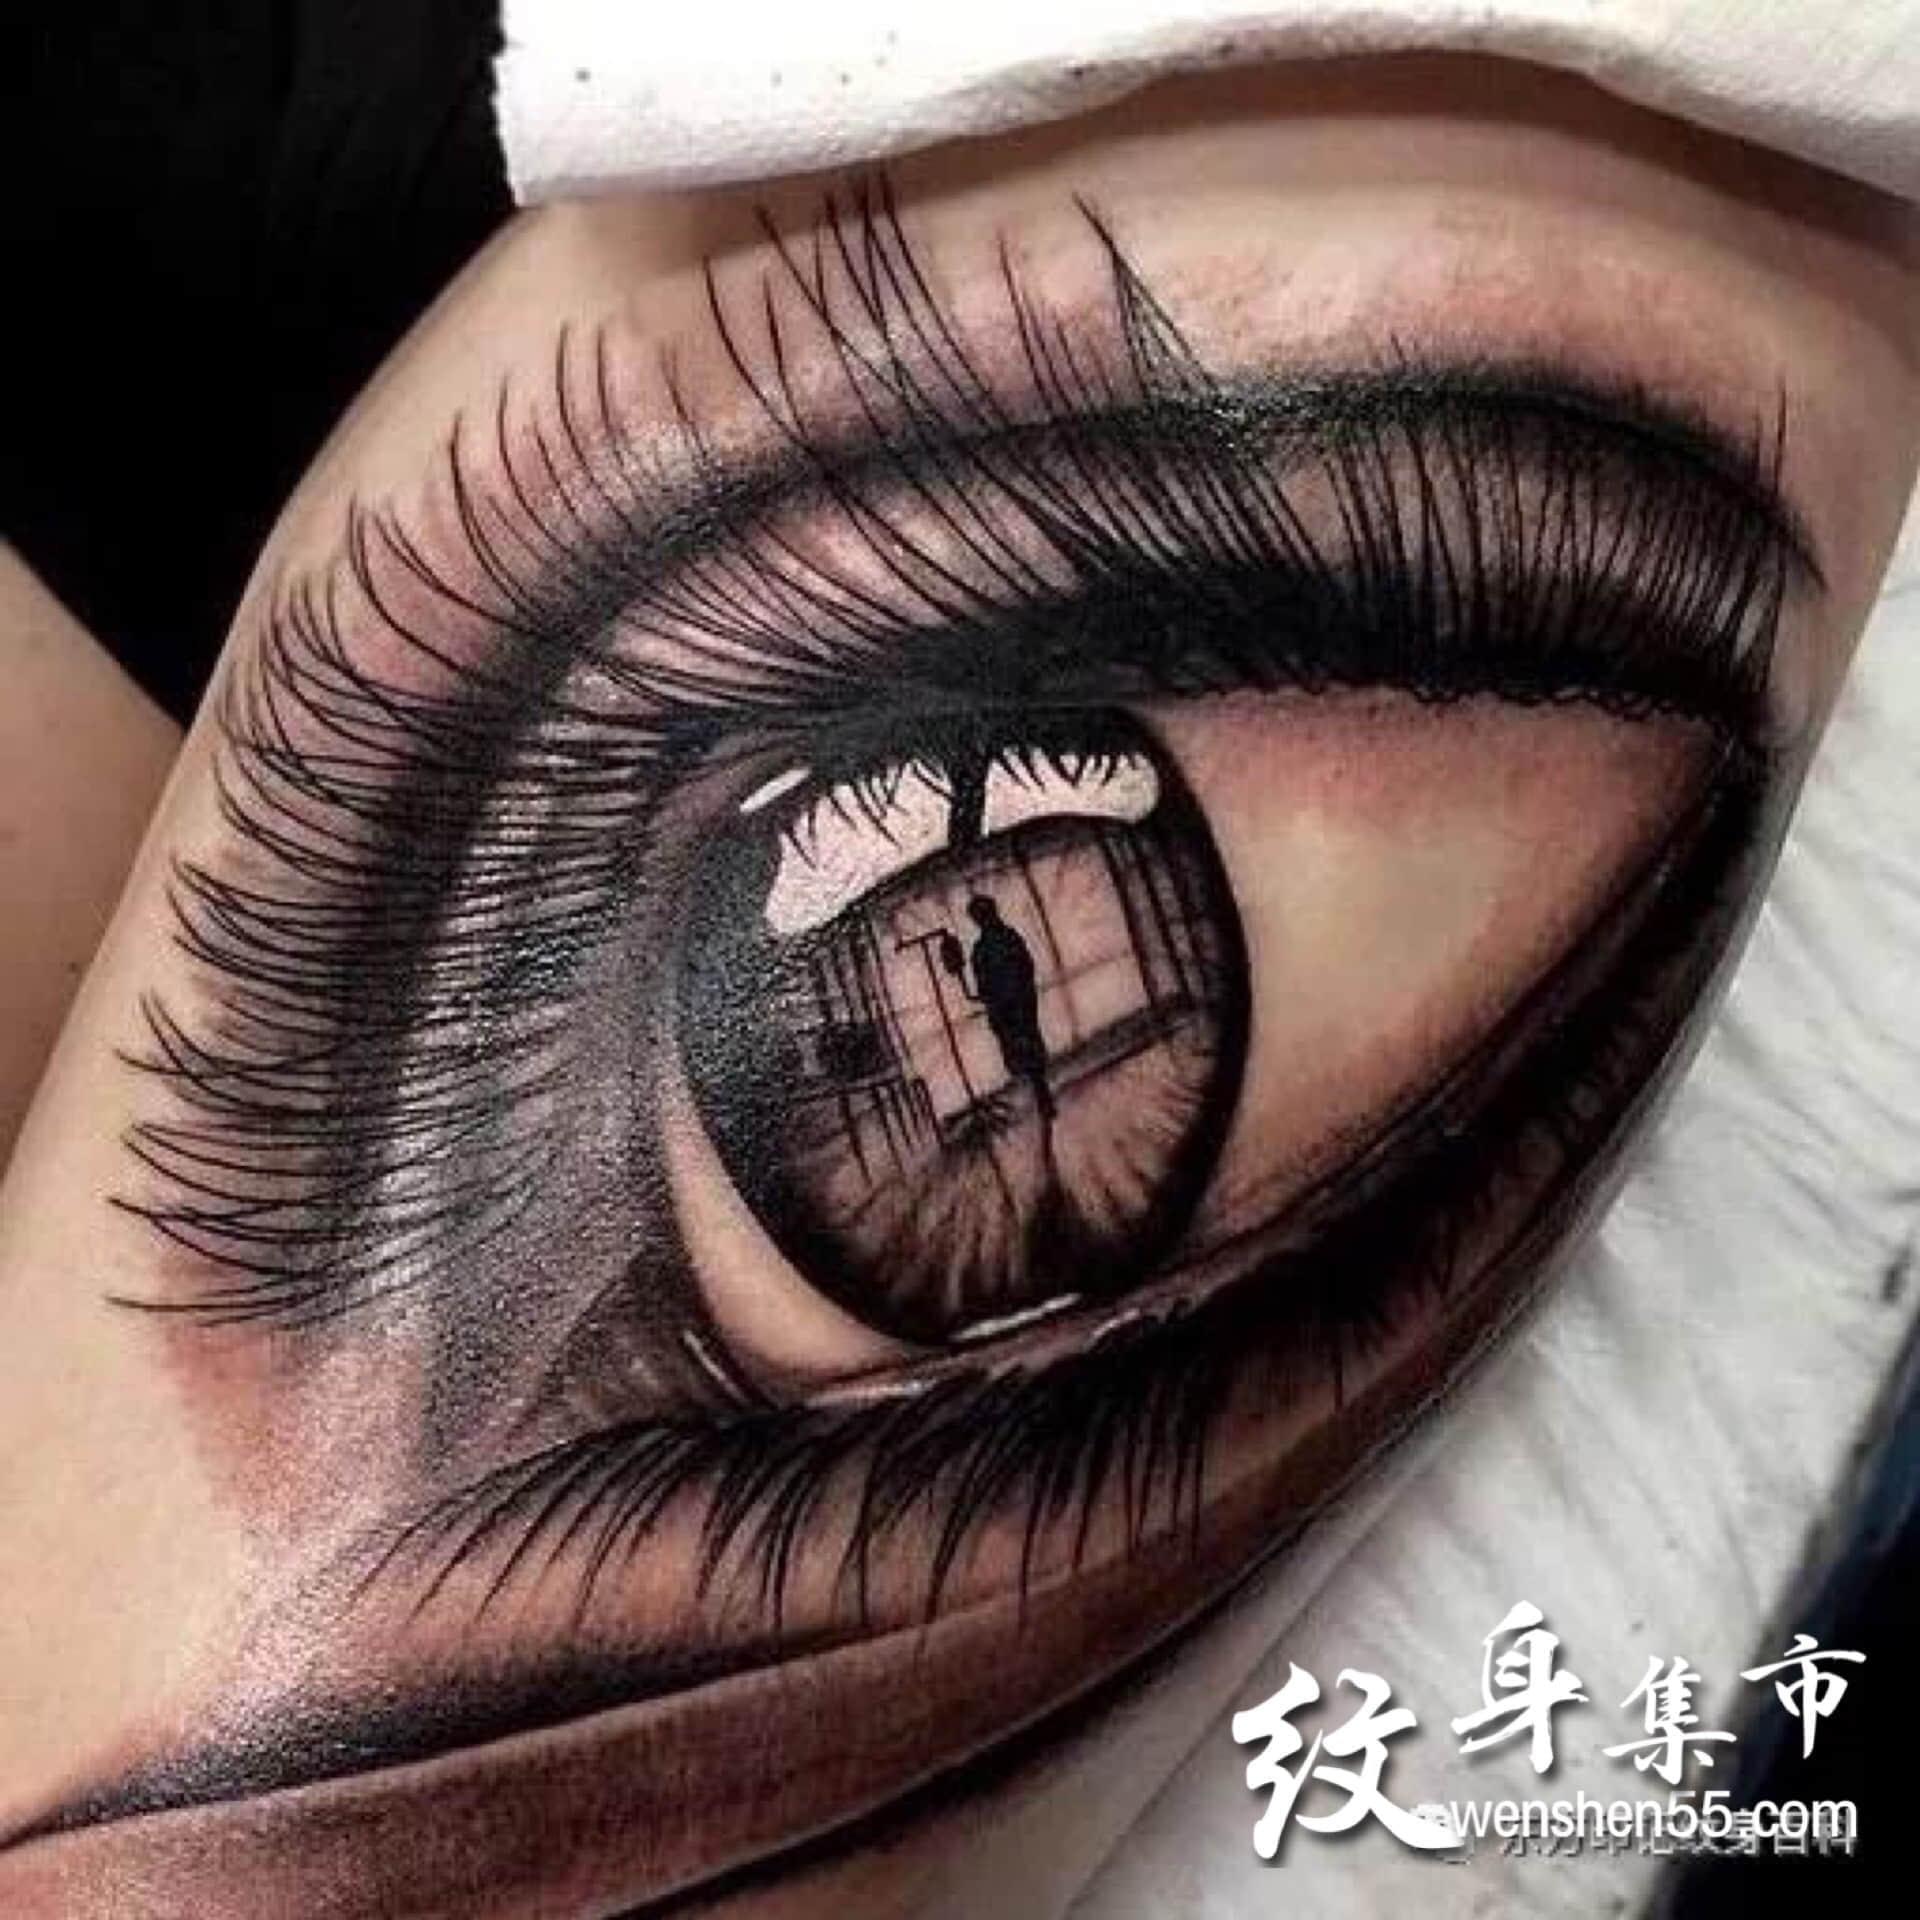 眼睛纹身,写实眼睛纹身手稿,眼睛纹身图案大全